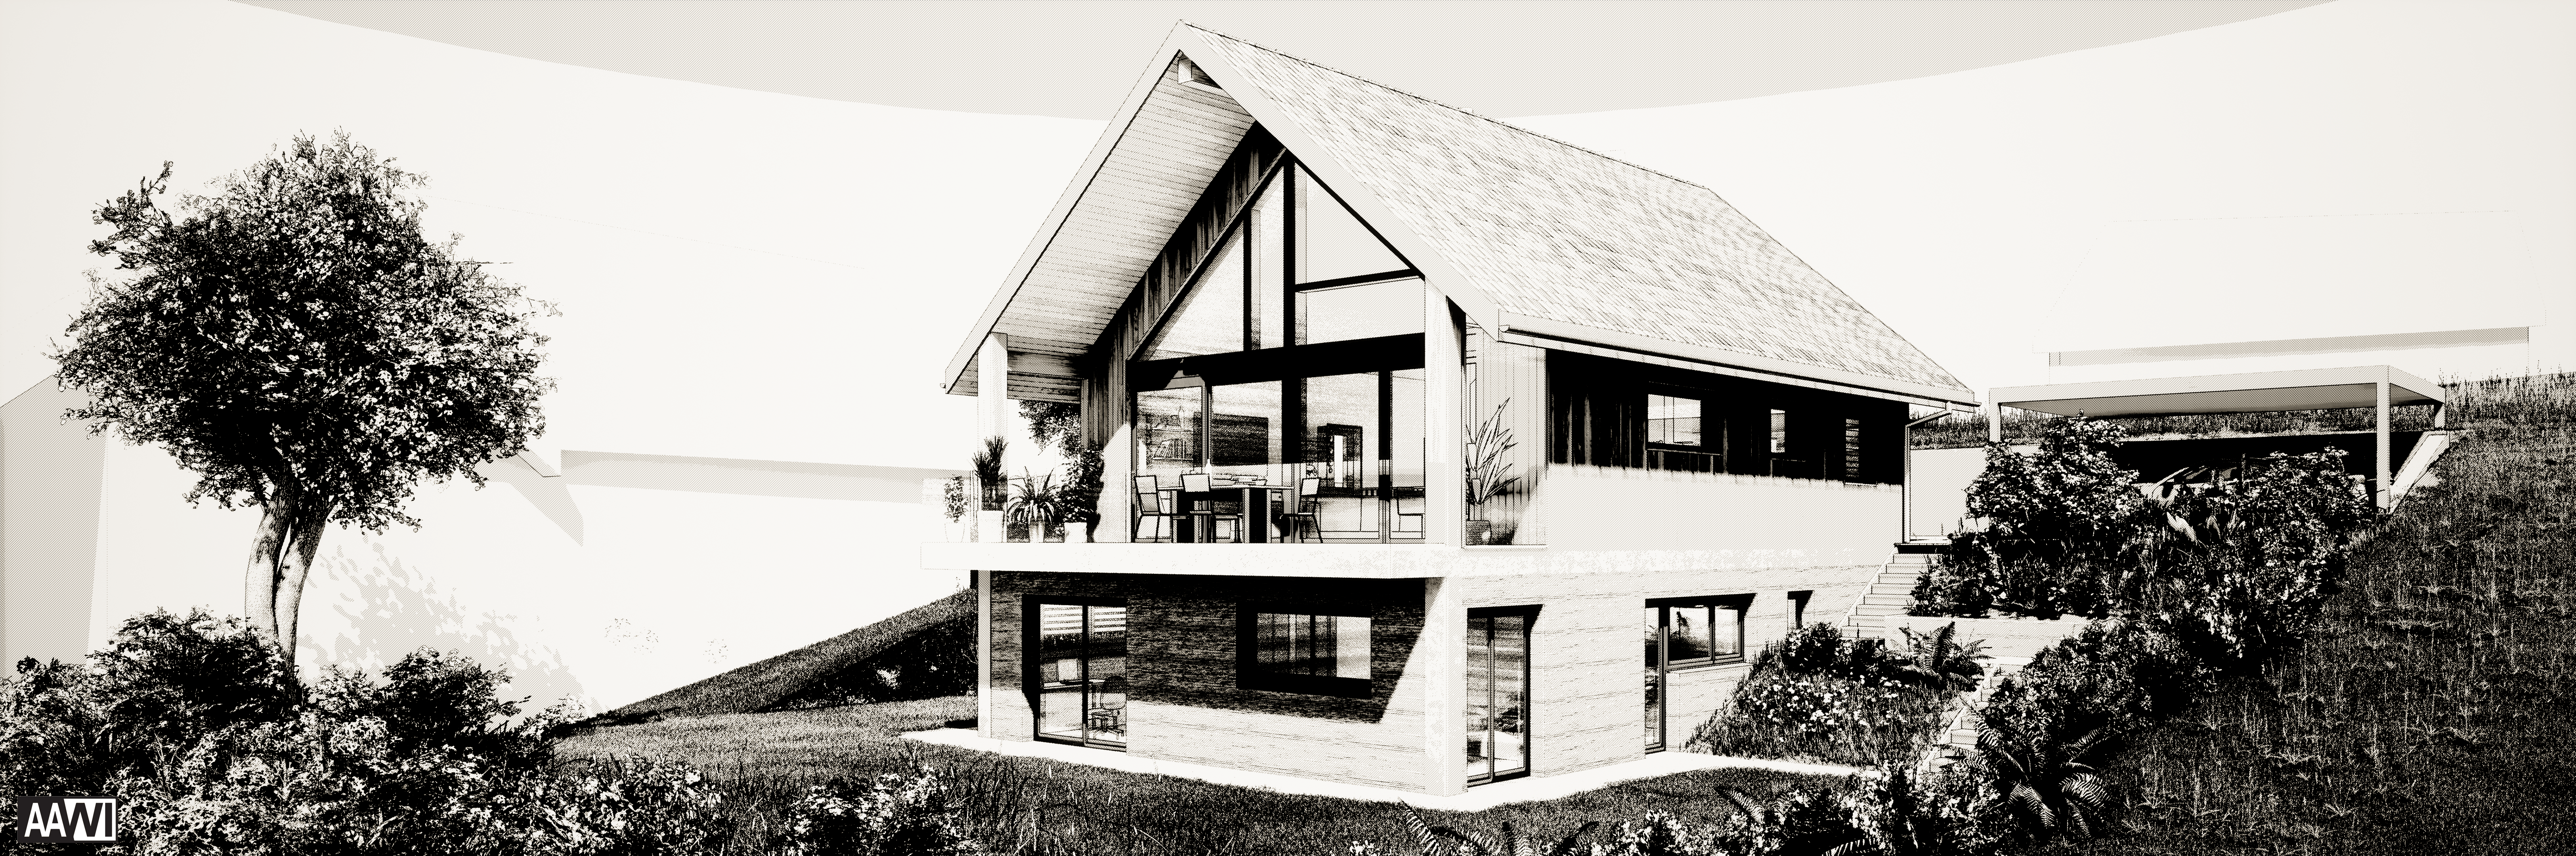 Villa béton-bois